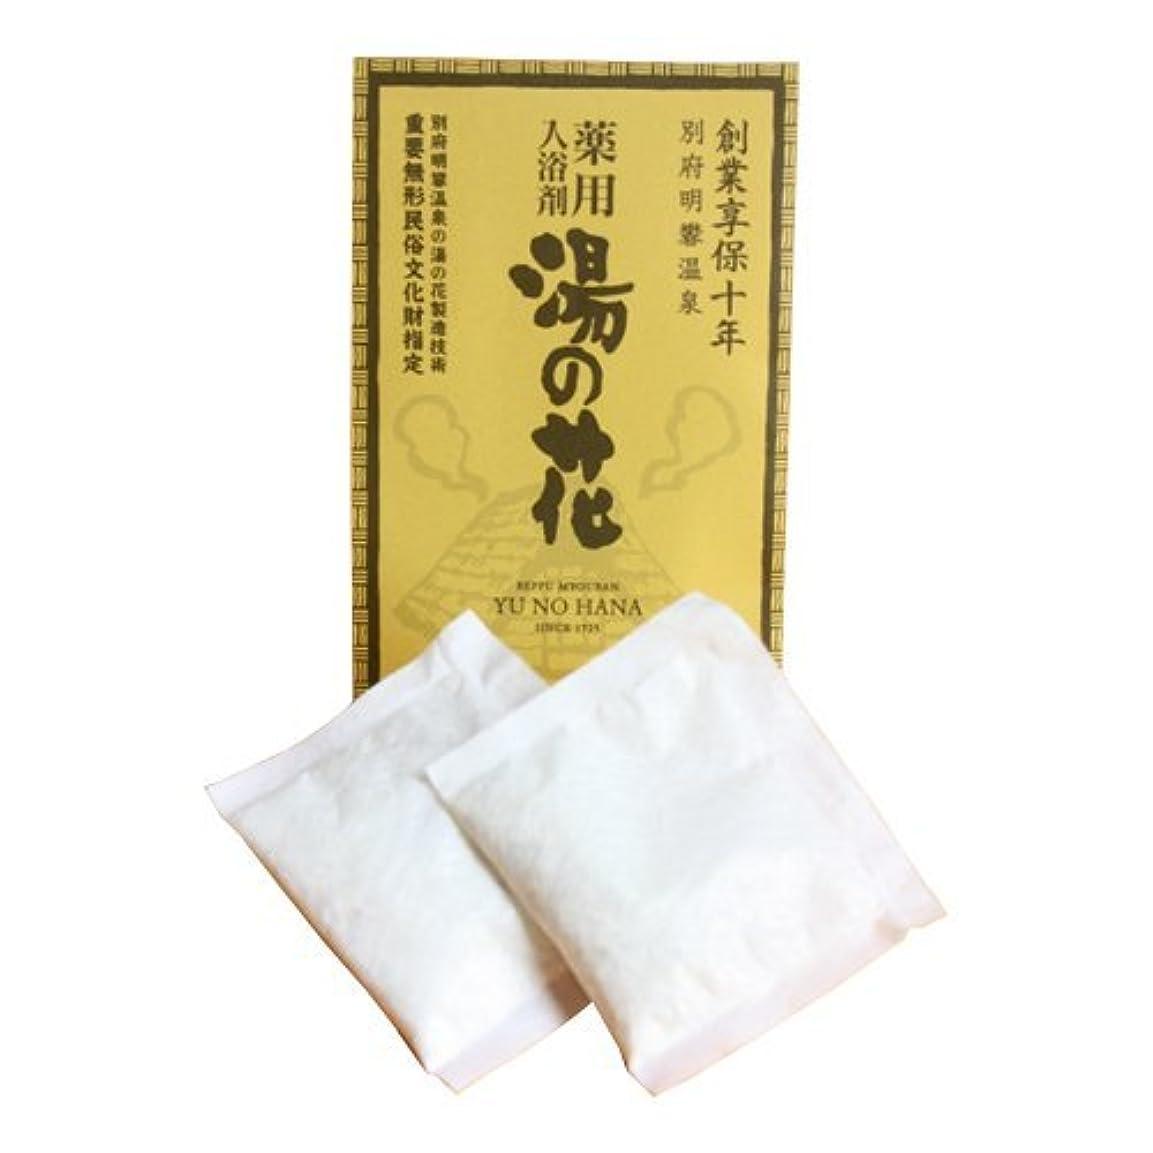 疲労側溝ヘルシー明礬(みょうばん)温泉 薬用湯の花 2回分